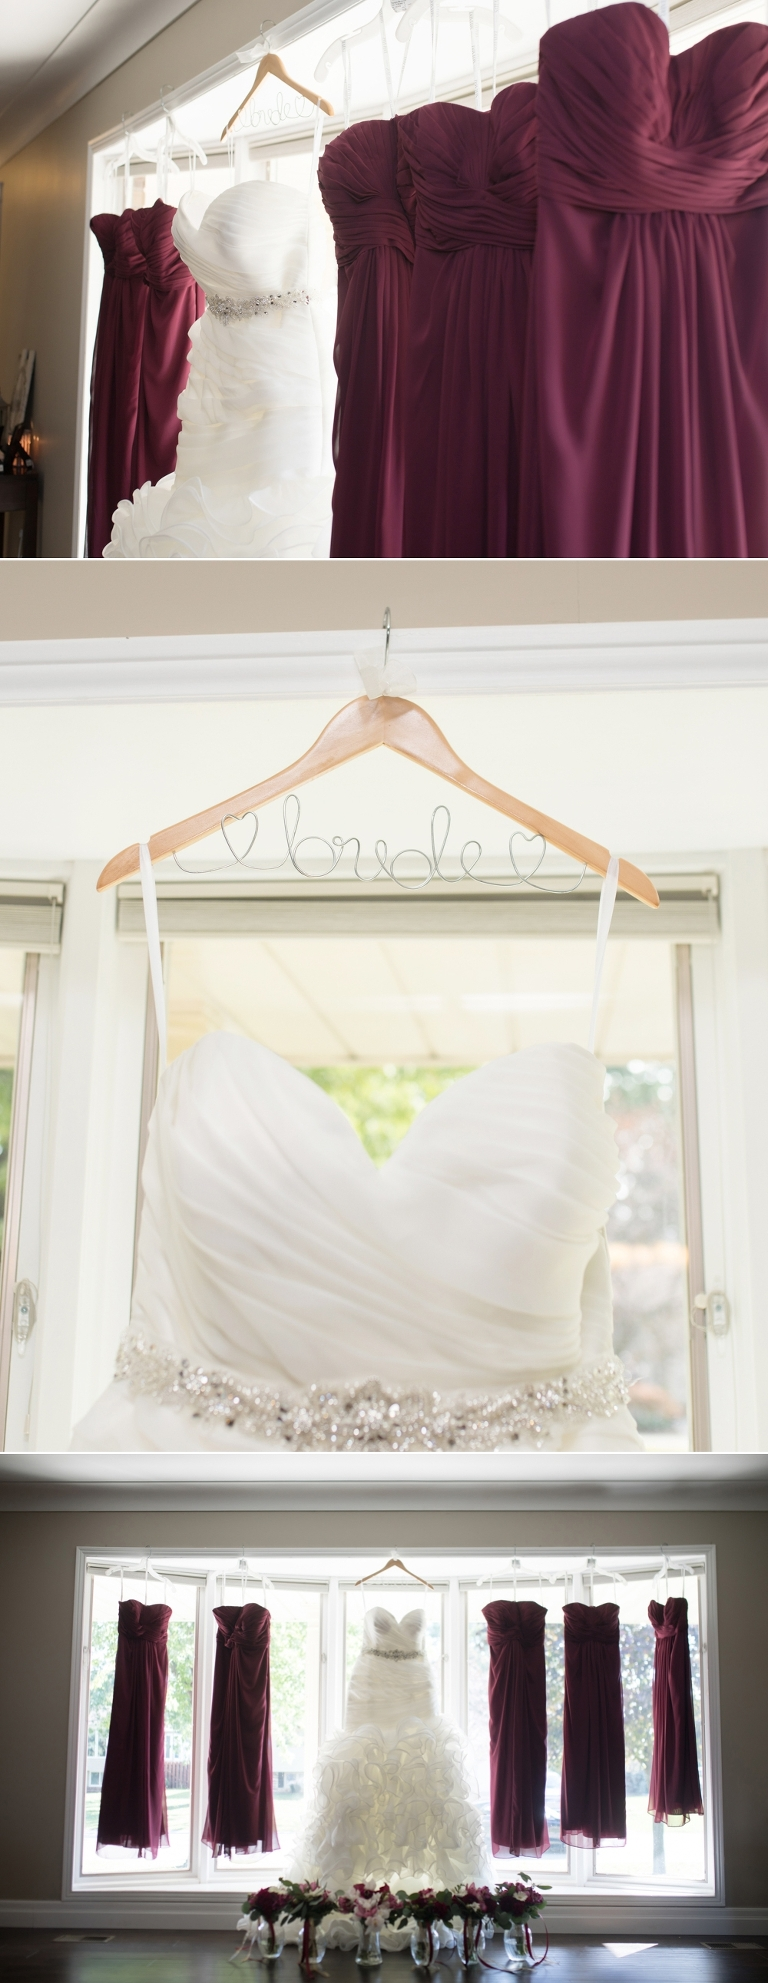 caboto club wedding, windsor wedding photographer